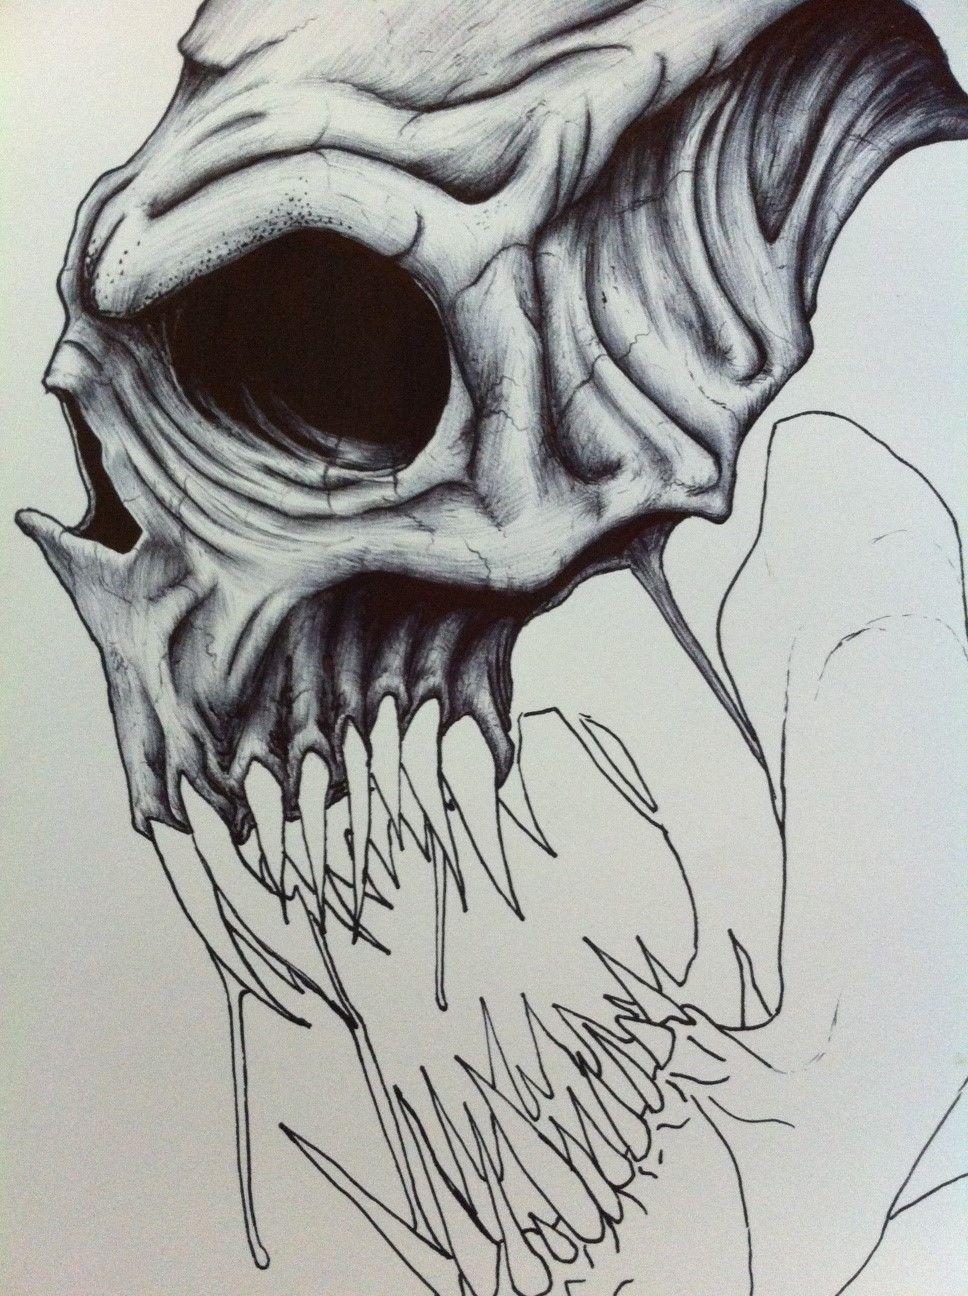 Grim reaper drawings in pencil reaper drawings reaper skull reaper drawings reaper skull drawings death drawings in pencil voltagebd Images